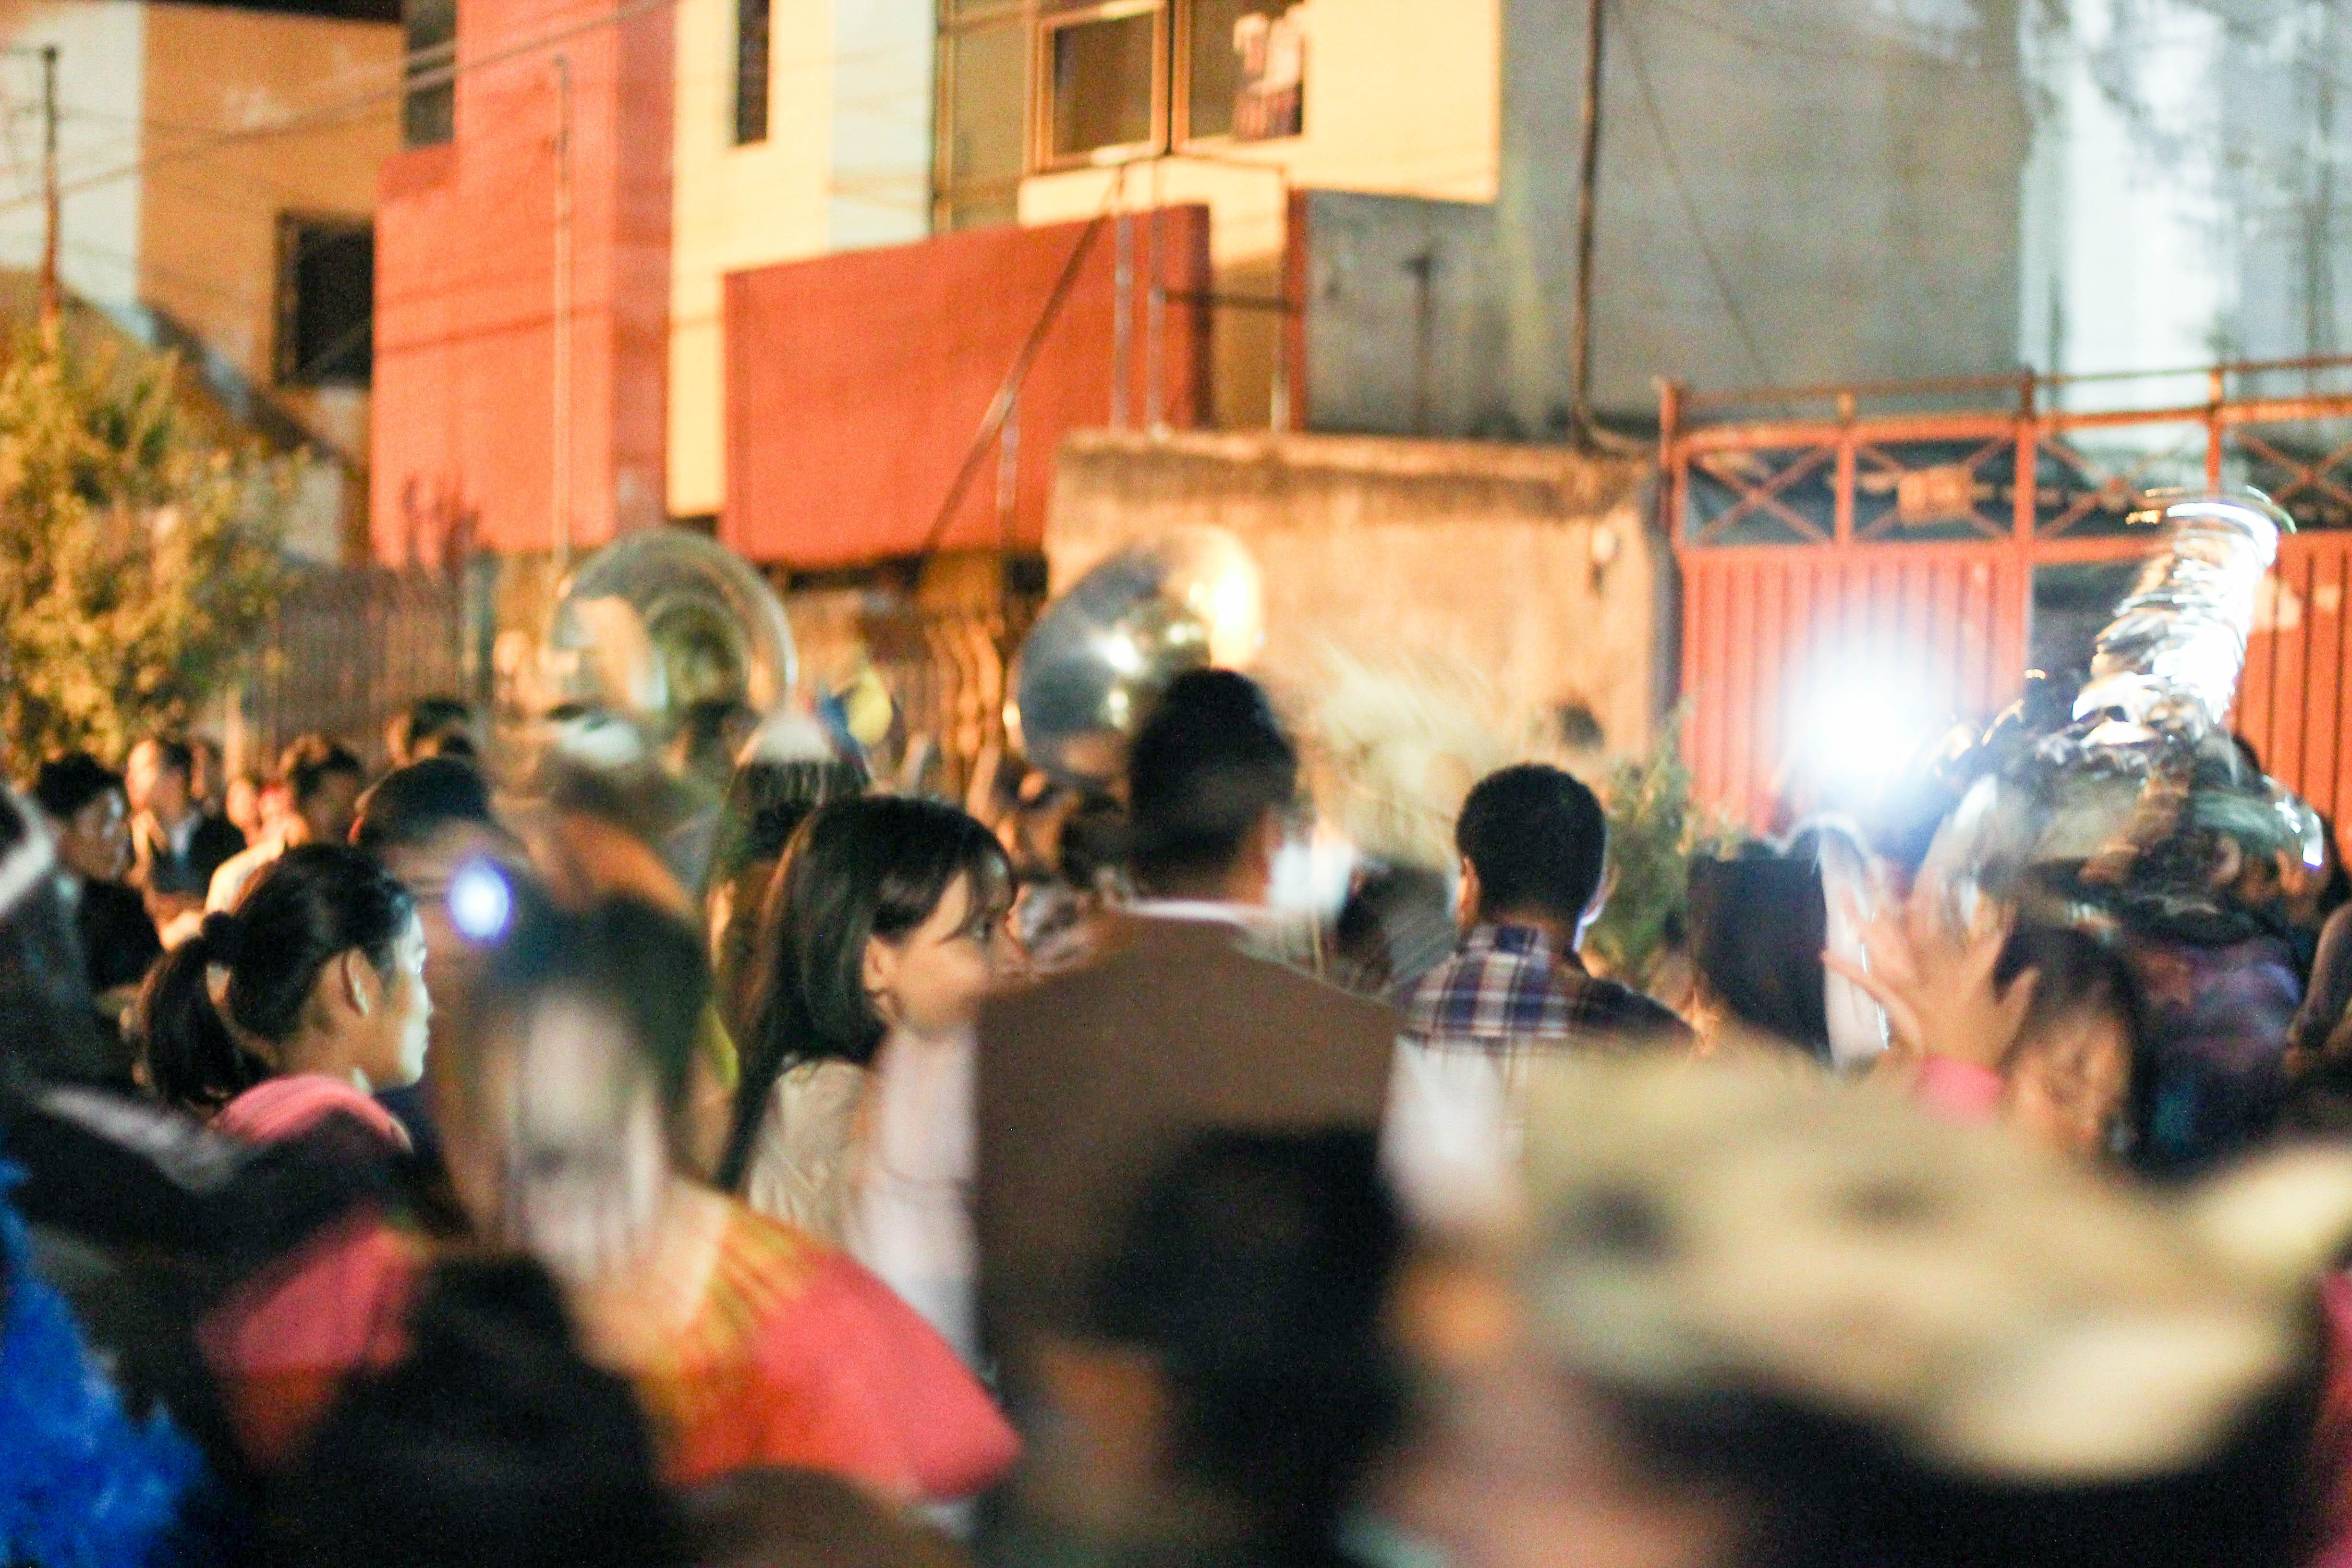 Die Toten kehren zurück – in Mexiko feiern alle die Dia de muertos. – Bild: Annina Reusser